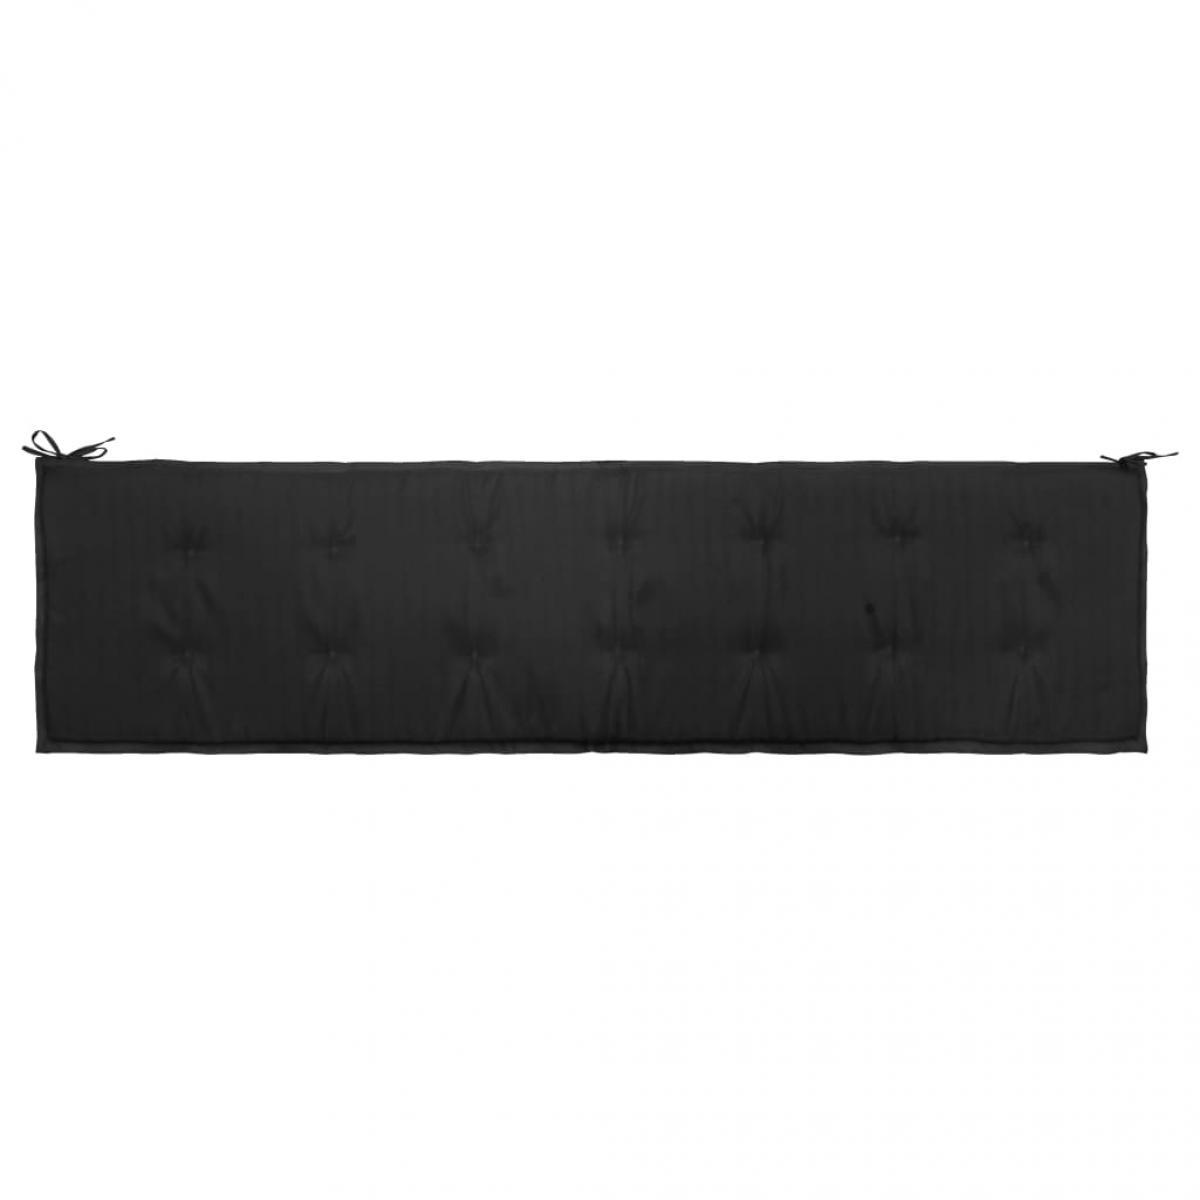 Decoshop26 Coussin de banc de jardin résistant à l'eau 200 x 50 x 3 cm 100 % polyester noir DEC021741